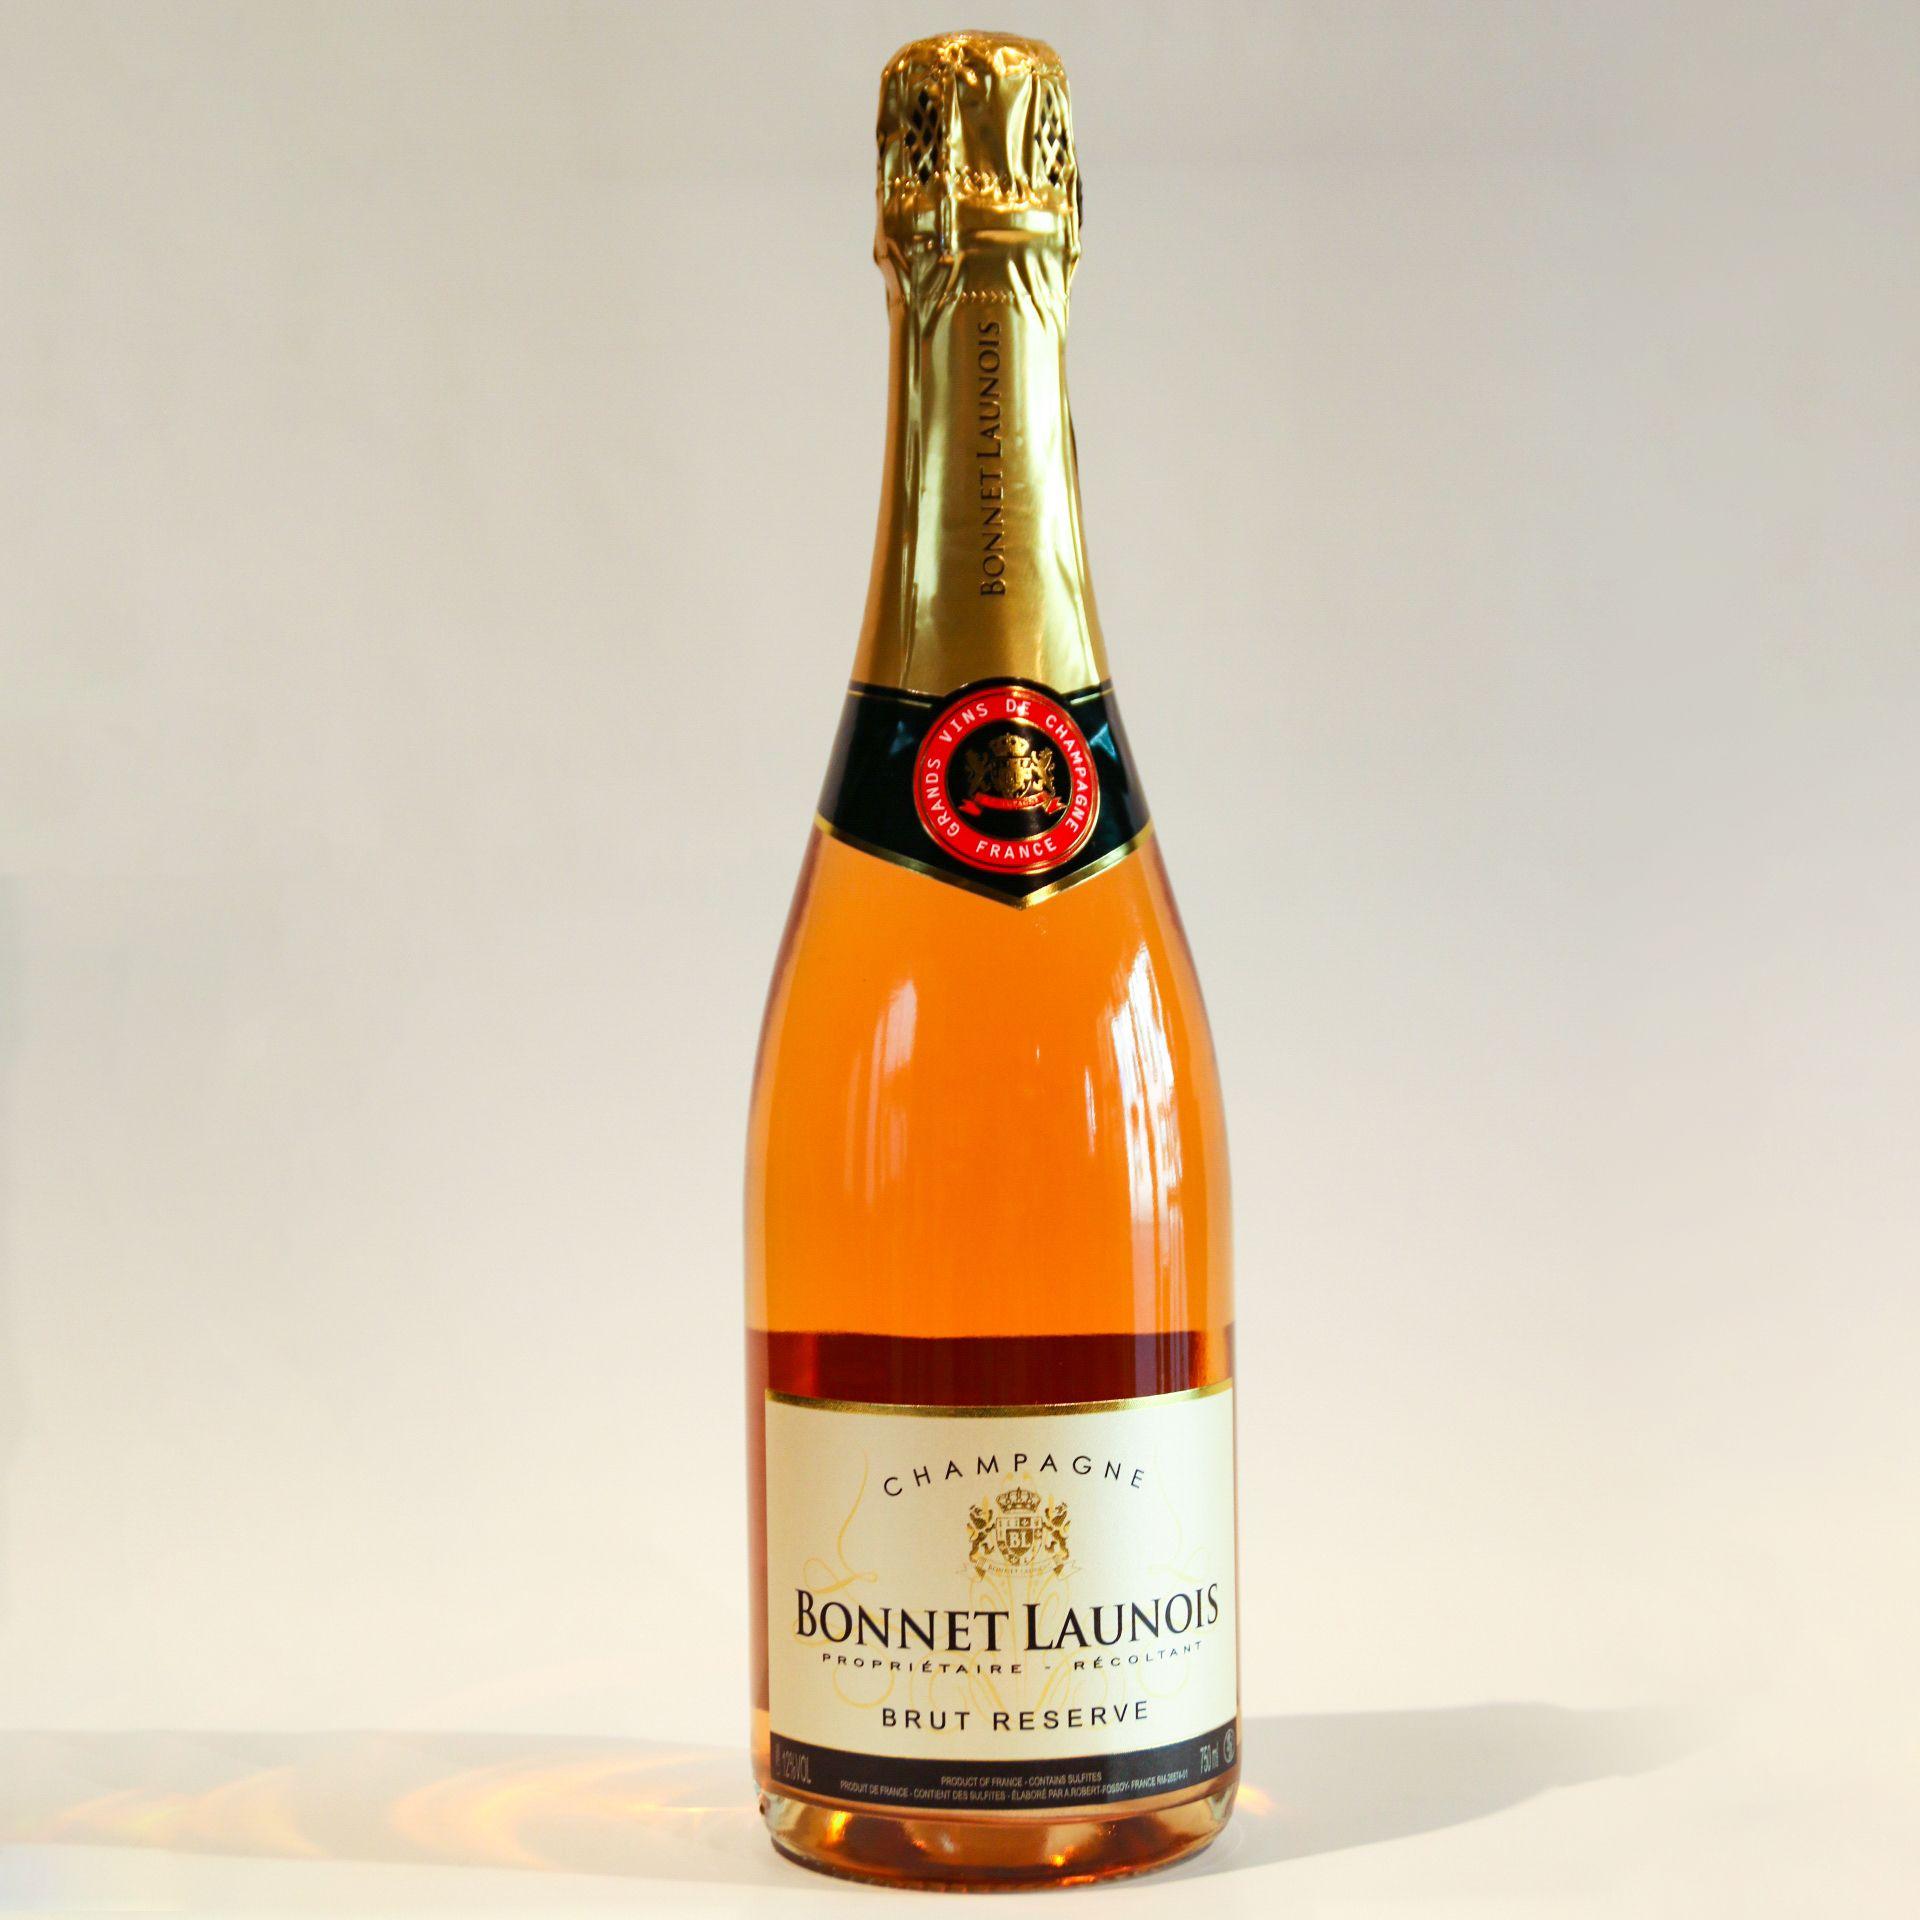 Gewinnspiel - 1 Fl. Champagner rosé von Bonnet Launois